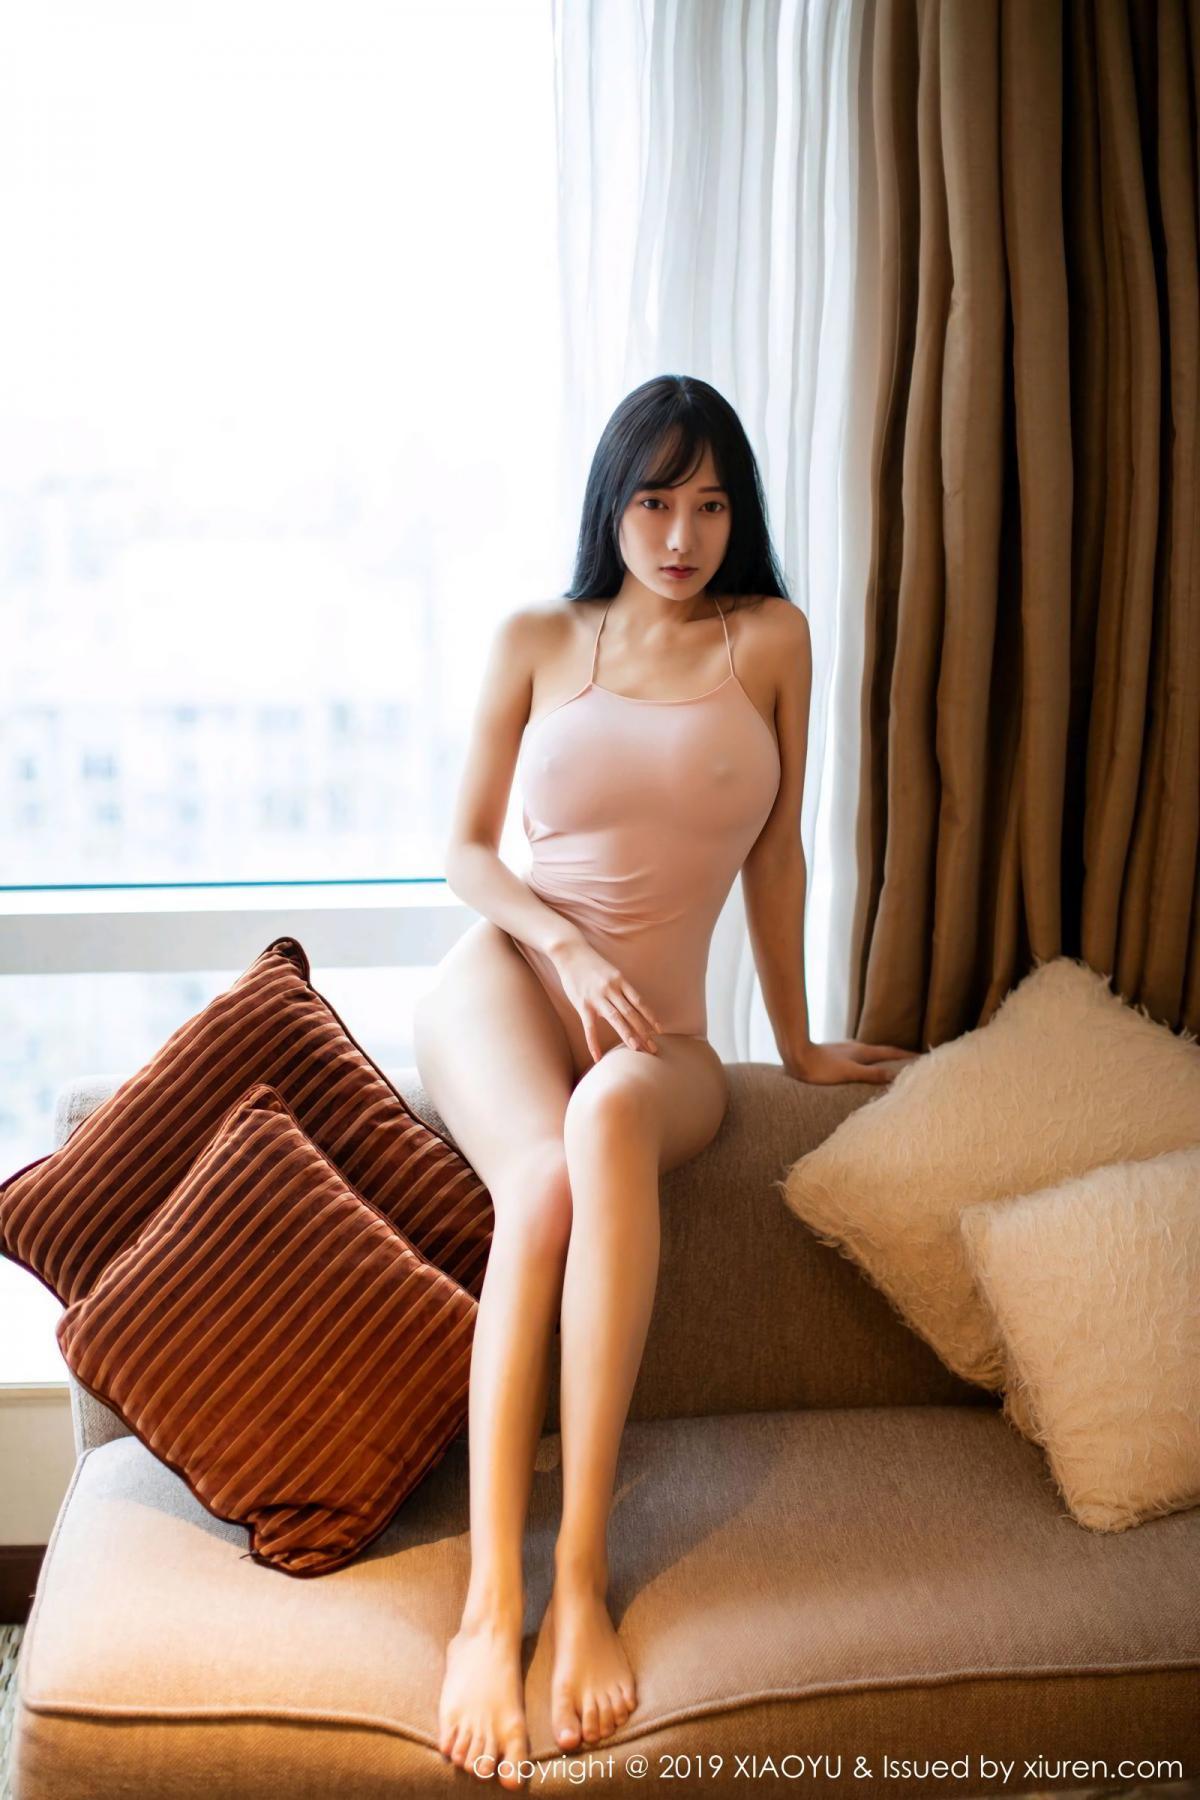 [XiaoYu] Vol.097 He Jia Ying 17P, He Jia Ying, Tall, XiaoYu